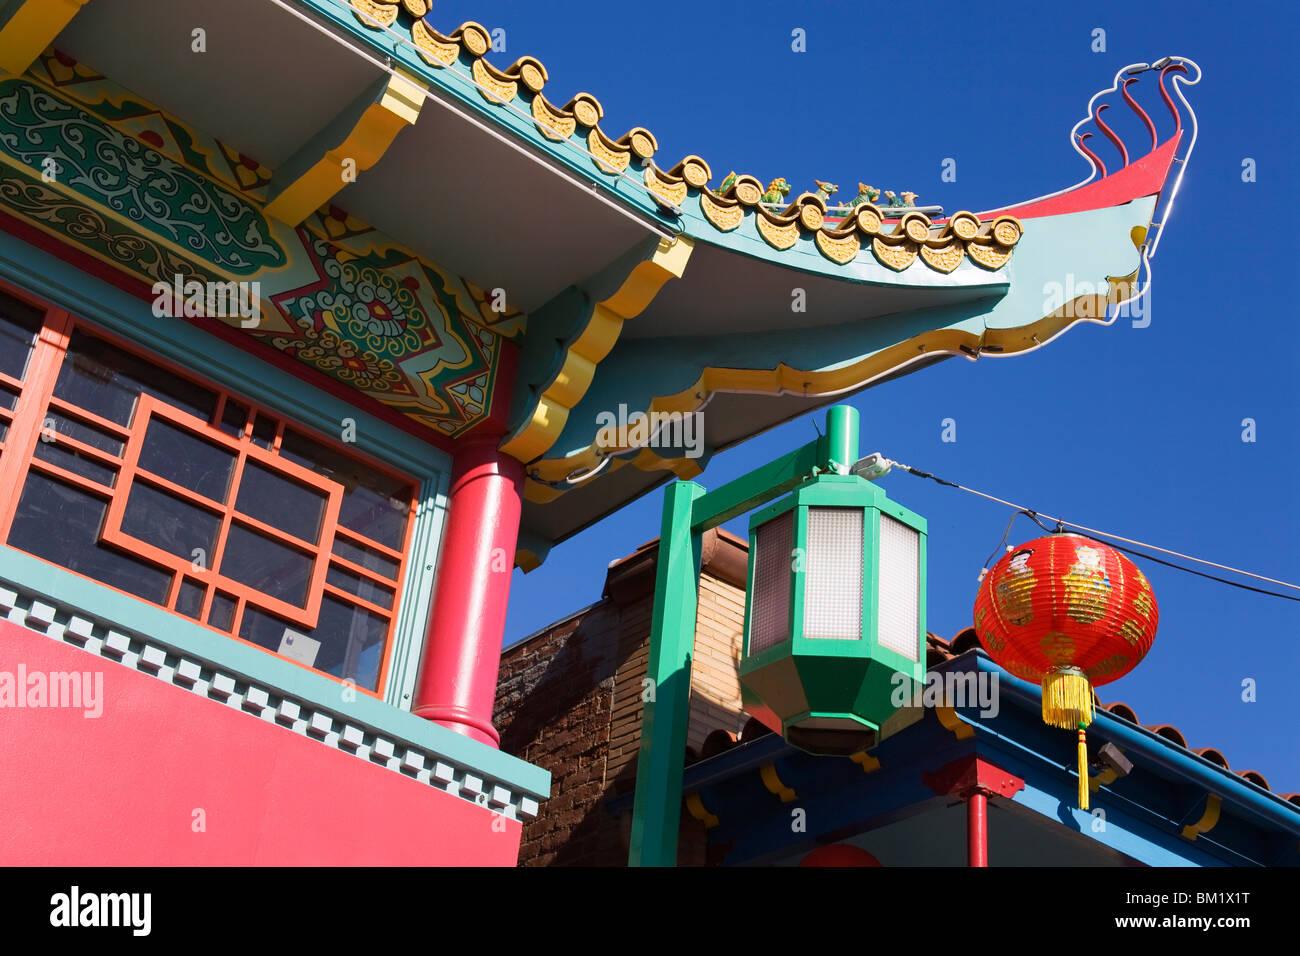 La arquitectura china, Chinatown, Los Angeles, California, Estados Unidos de América, América del Norte Imagen De Stock